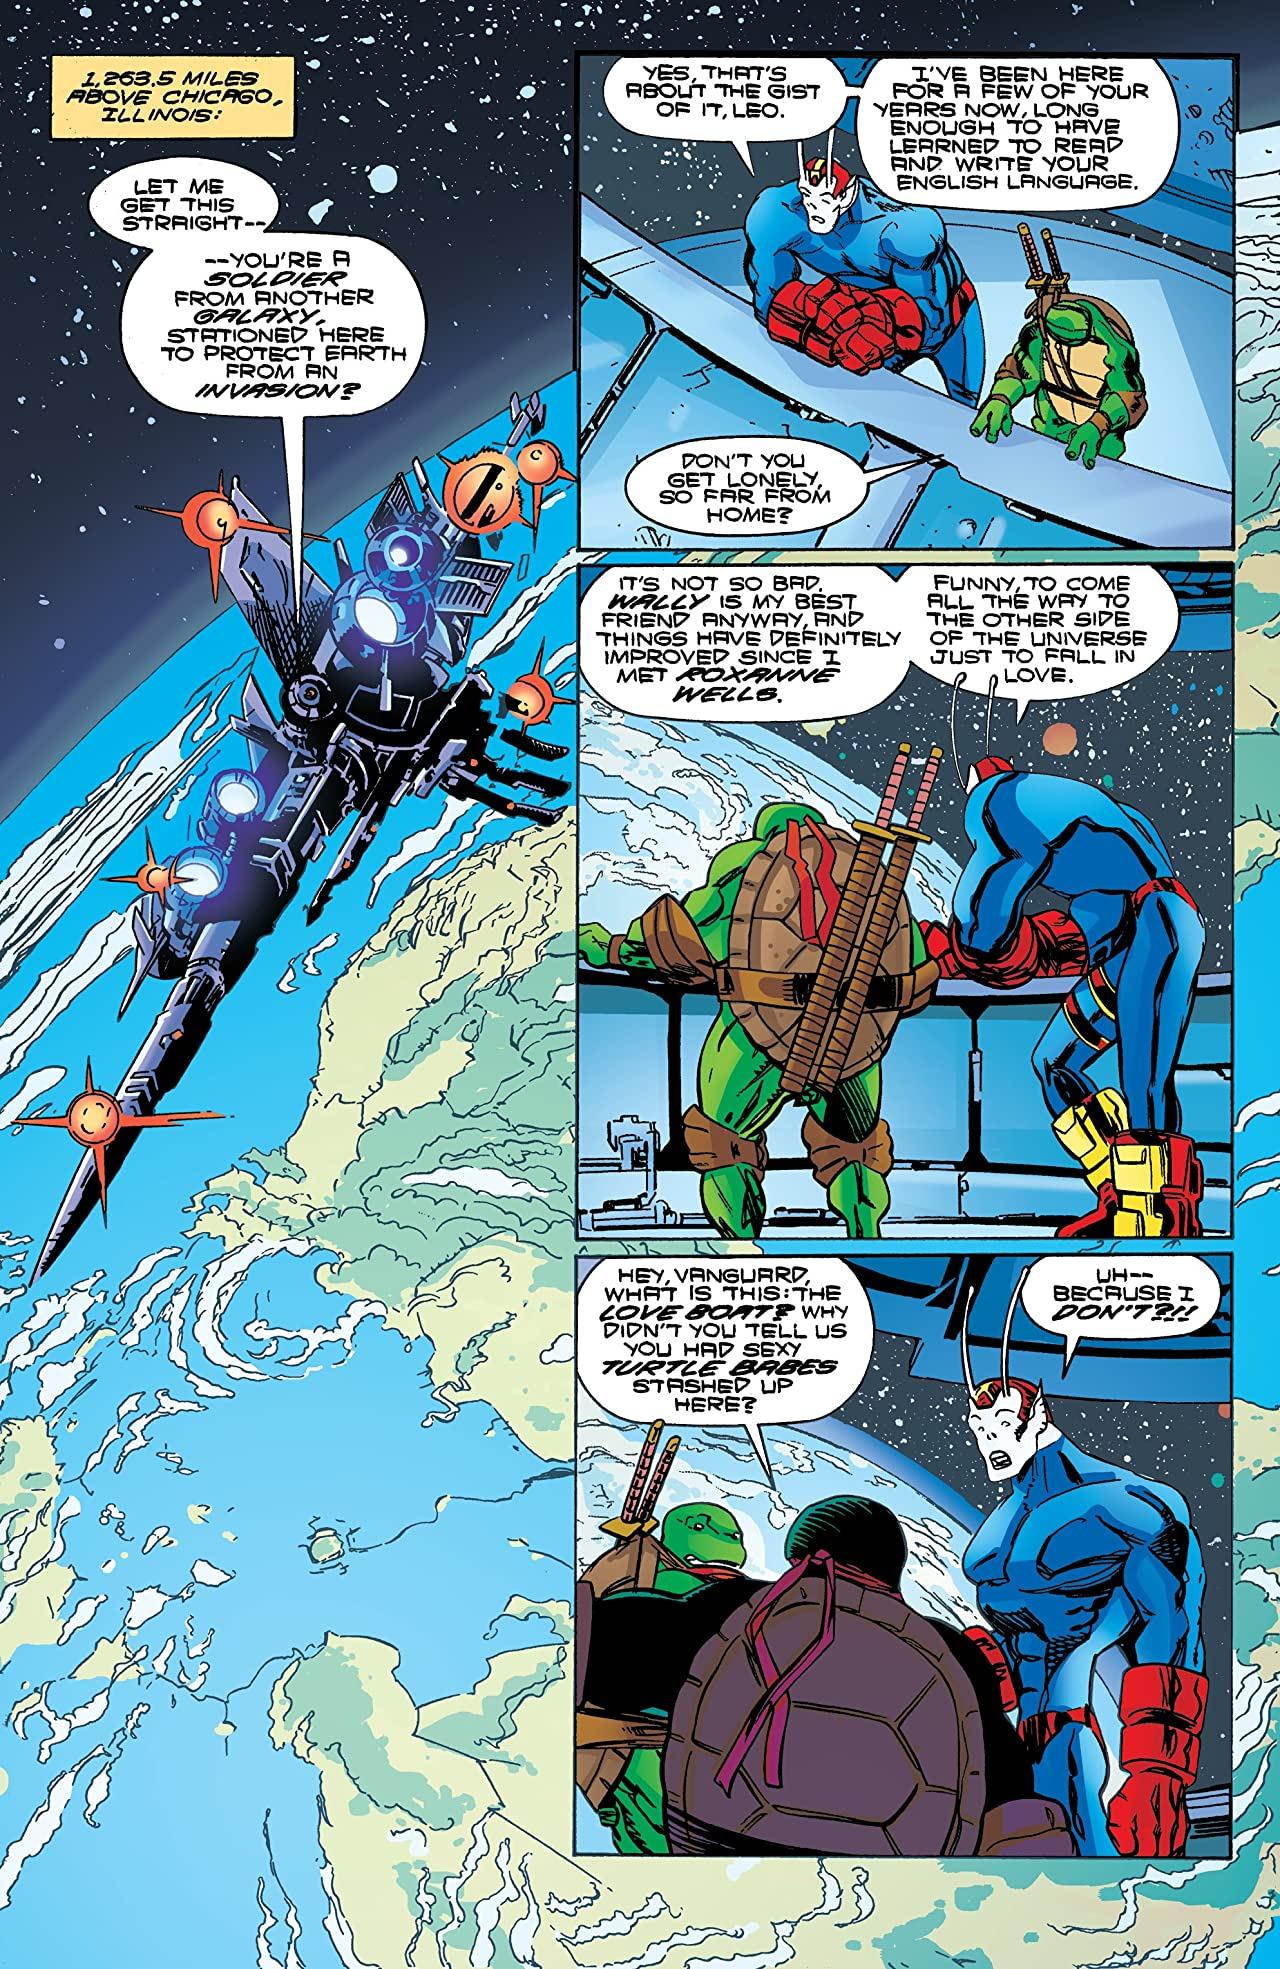 Teenage Mutant Ninja Turtles: Urban Legends No.12